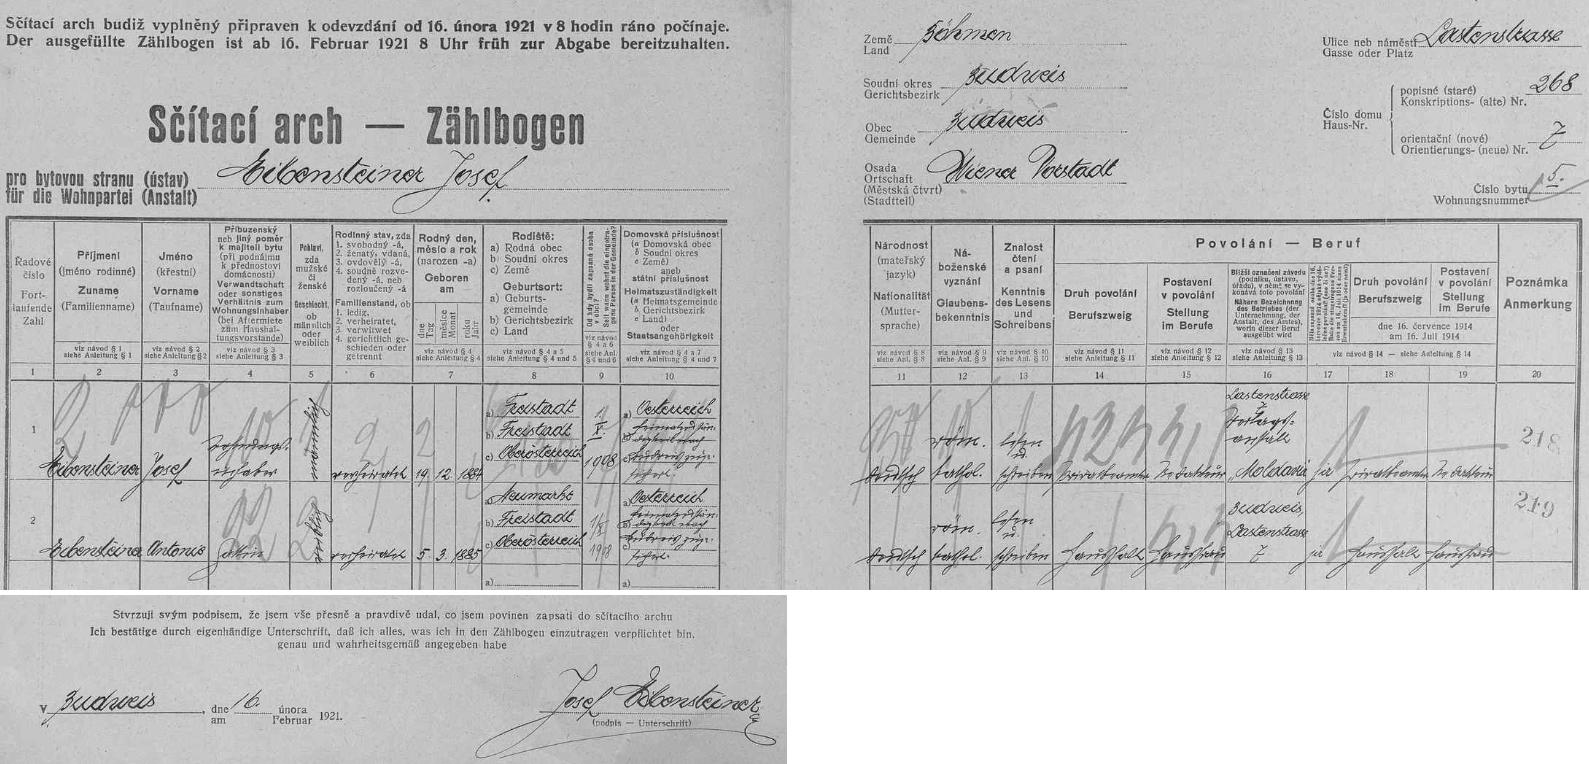 """Arch sčítání lidu z roku 1921 pro dům čp. 268 (orientační číslo 7), číslo bytu 5 v Nákladní ulici (Lastenstraße), za """"první"""" republiky přezvané na Denisovu třídu (dnešní Nádražní ulice), kde žili Josef Eibensteiner se svou ženou Antonií (*5. března 1885 v městysi Neumarkt im Mühlkreis), oba tehdy s domovskou příslušností v Rakousku, avšak domovská příslušnost """"nach Budweis zugesichert"""", tj. """"do Budějovic zajištěna"""""""